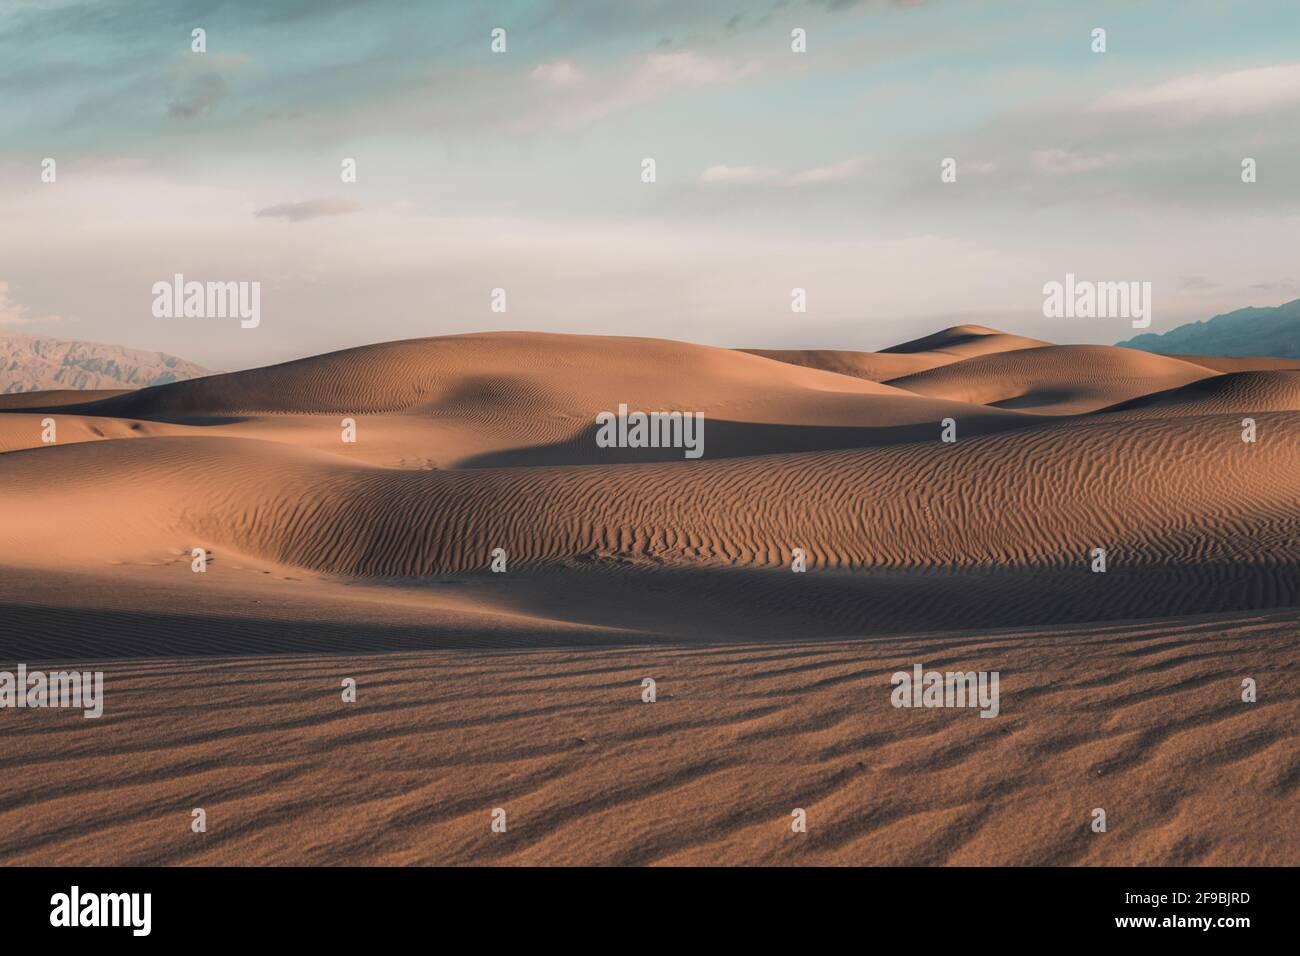 Dunes montantes de Mesquite Flat dans la vallée de la mort, Californie. Banque D'Images